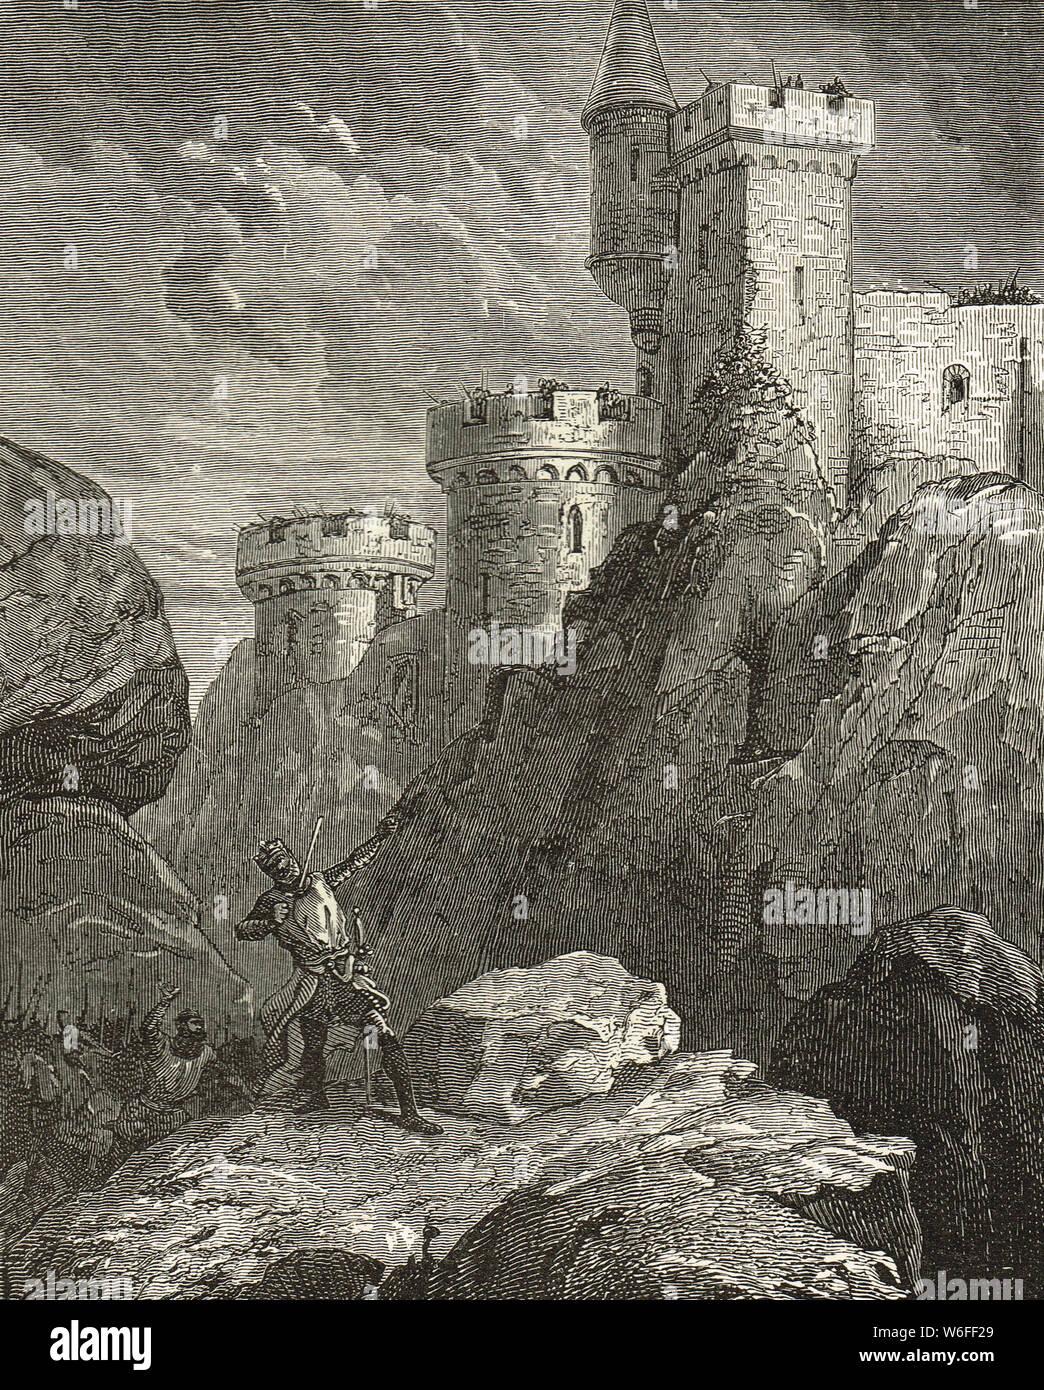 El rey Ricardo I (Corazón de León) herido mortalmente, el castillo de Chalus, 25 de marzo de 1199, el Château de Chalus-Chabrol, Haute-Vienne, Francia Foto de stock